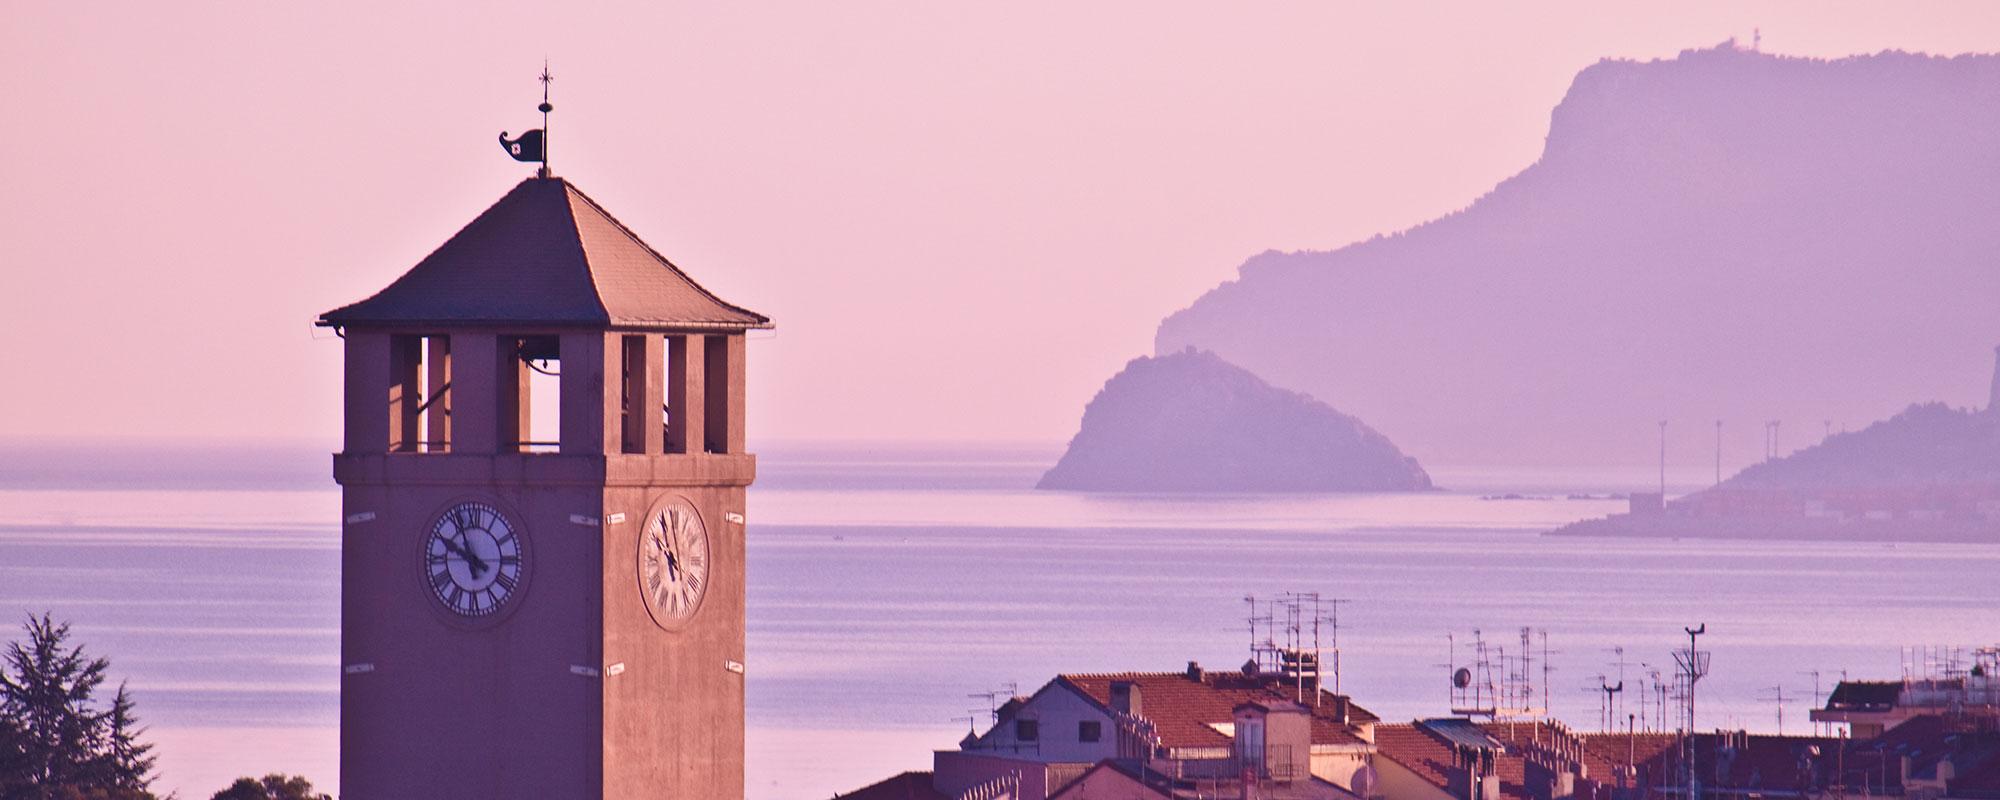 Complesso monumentale del Brandale, Riviera ligure di Ponente, Liguria